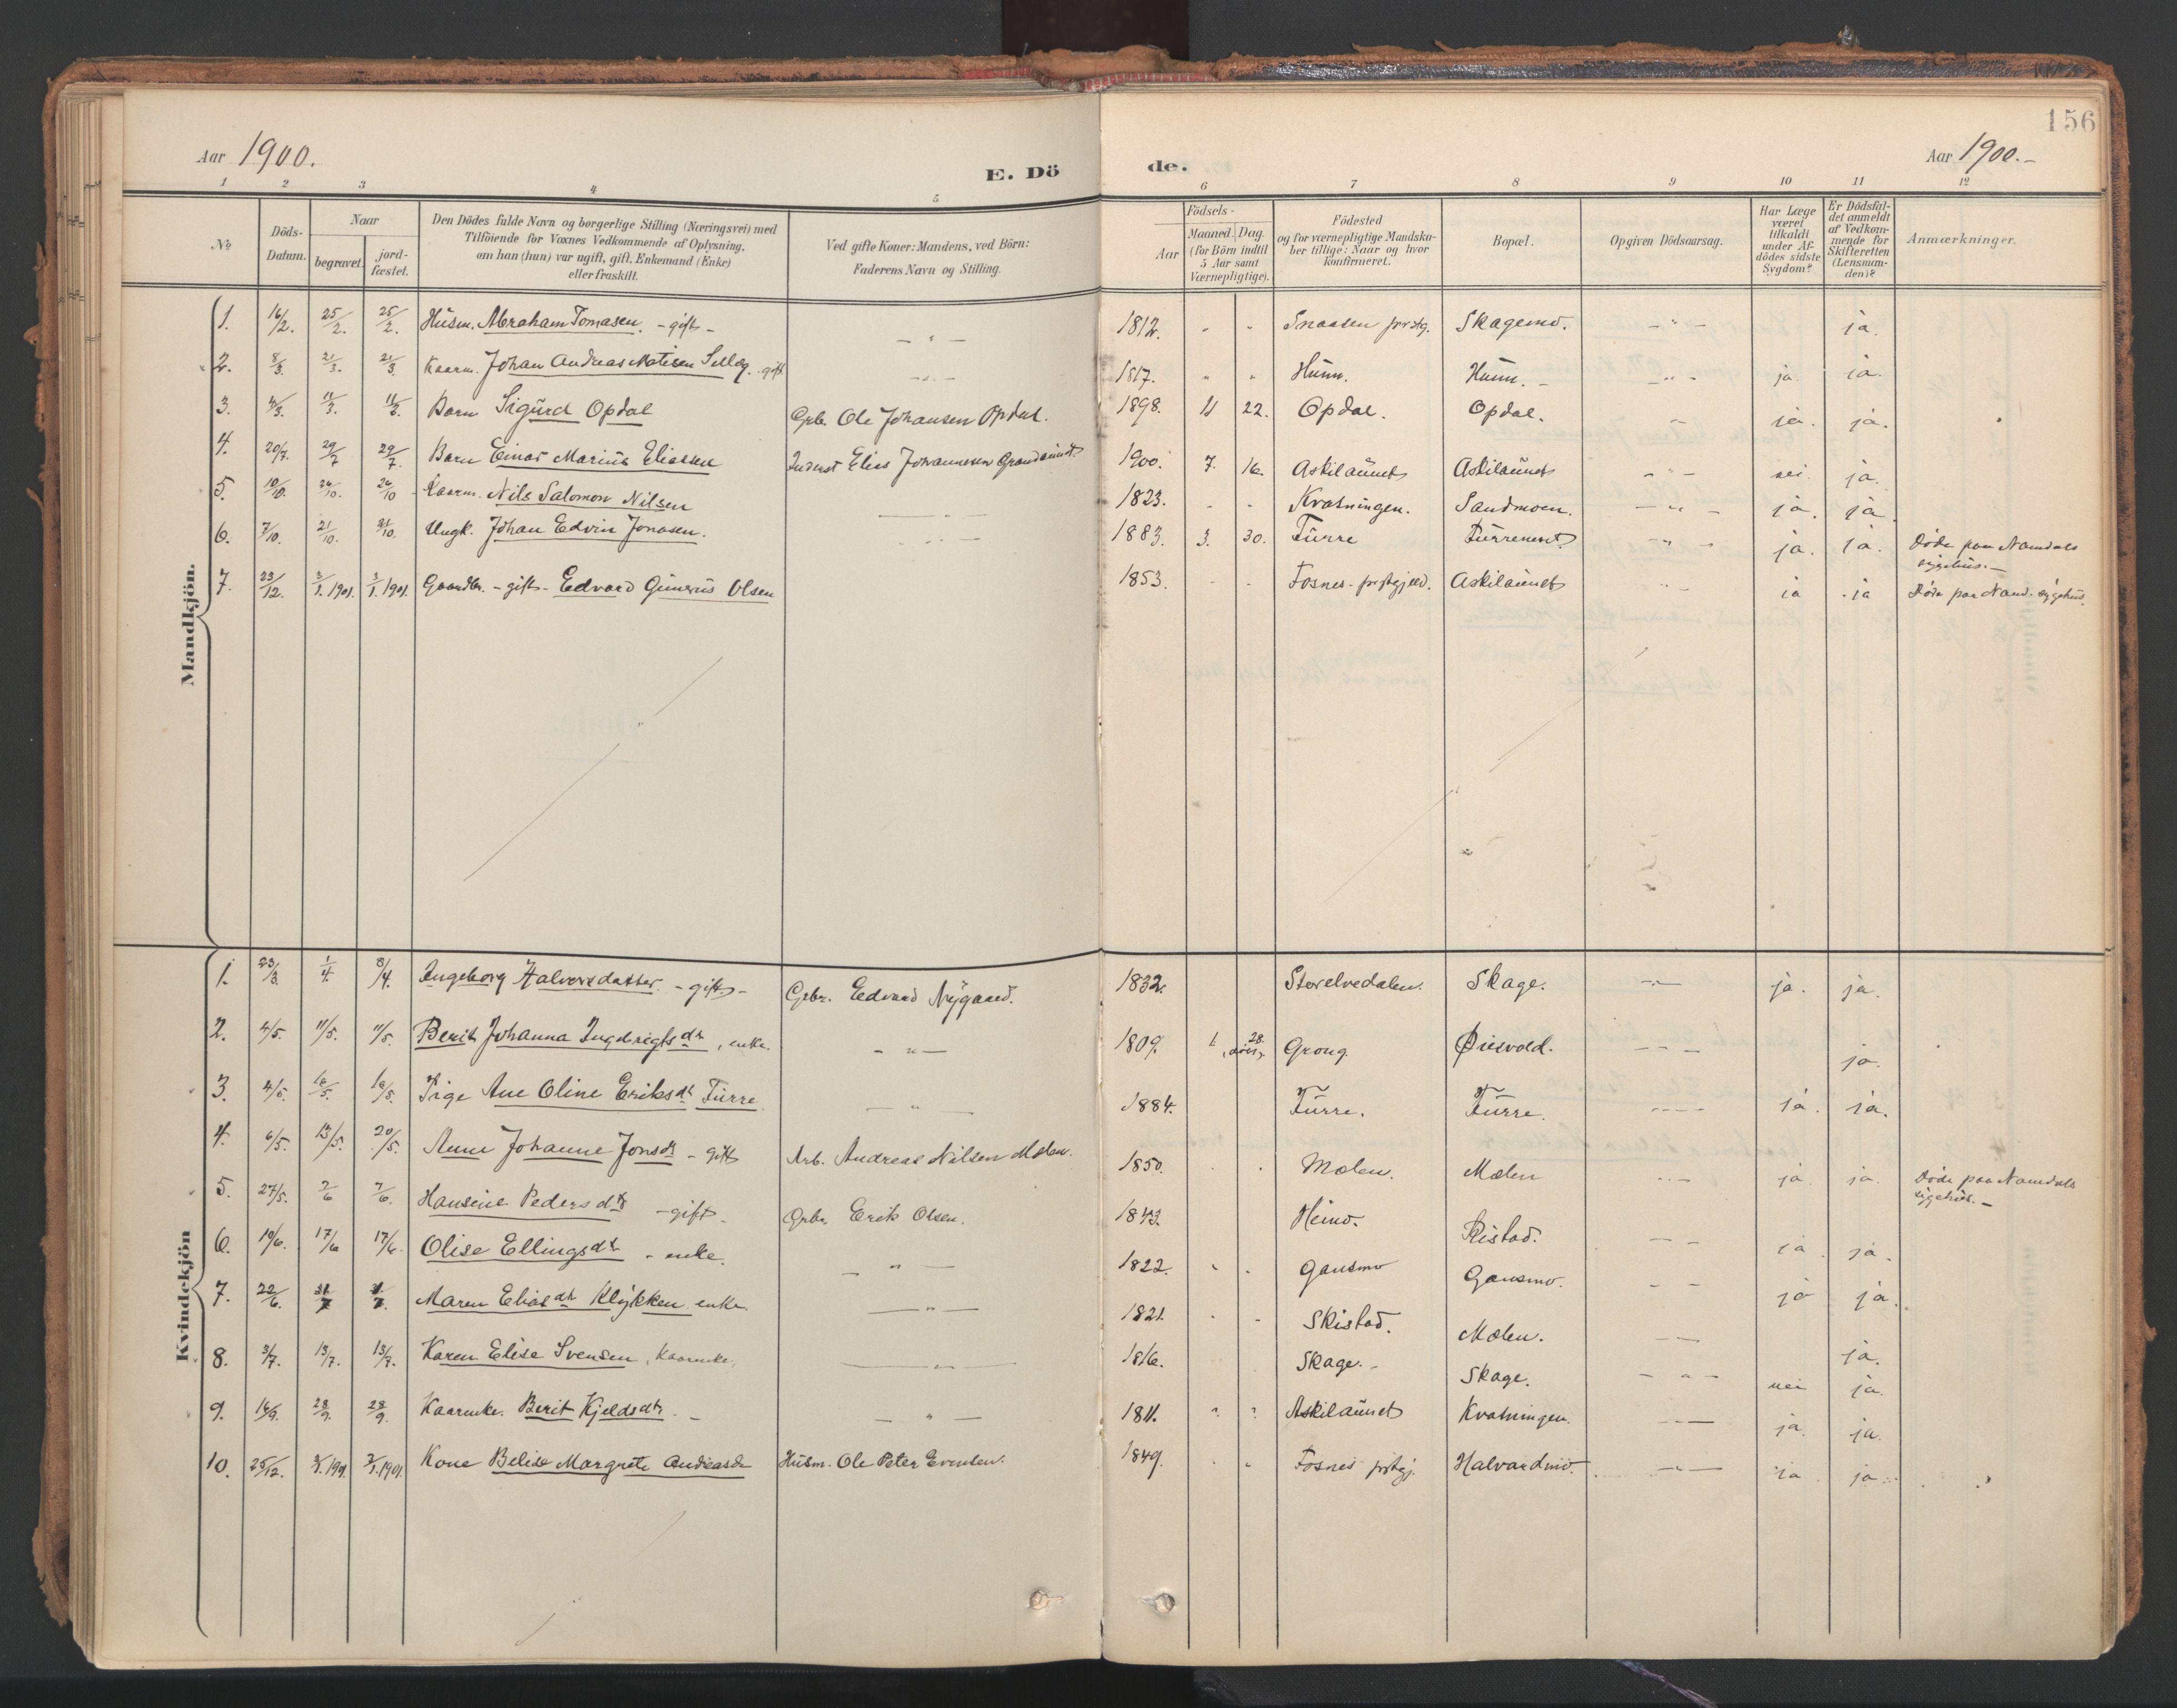 SAT, Ministerialprotokoller, klokkerbøker og fødselsregistre - Nord-Trøndelag, 766/L0564: Ministerialbok nr. 767A02, 1900-1932, s. 156